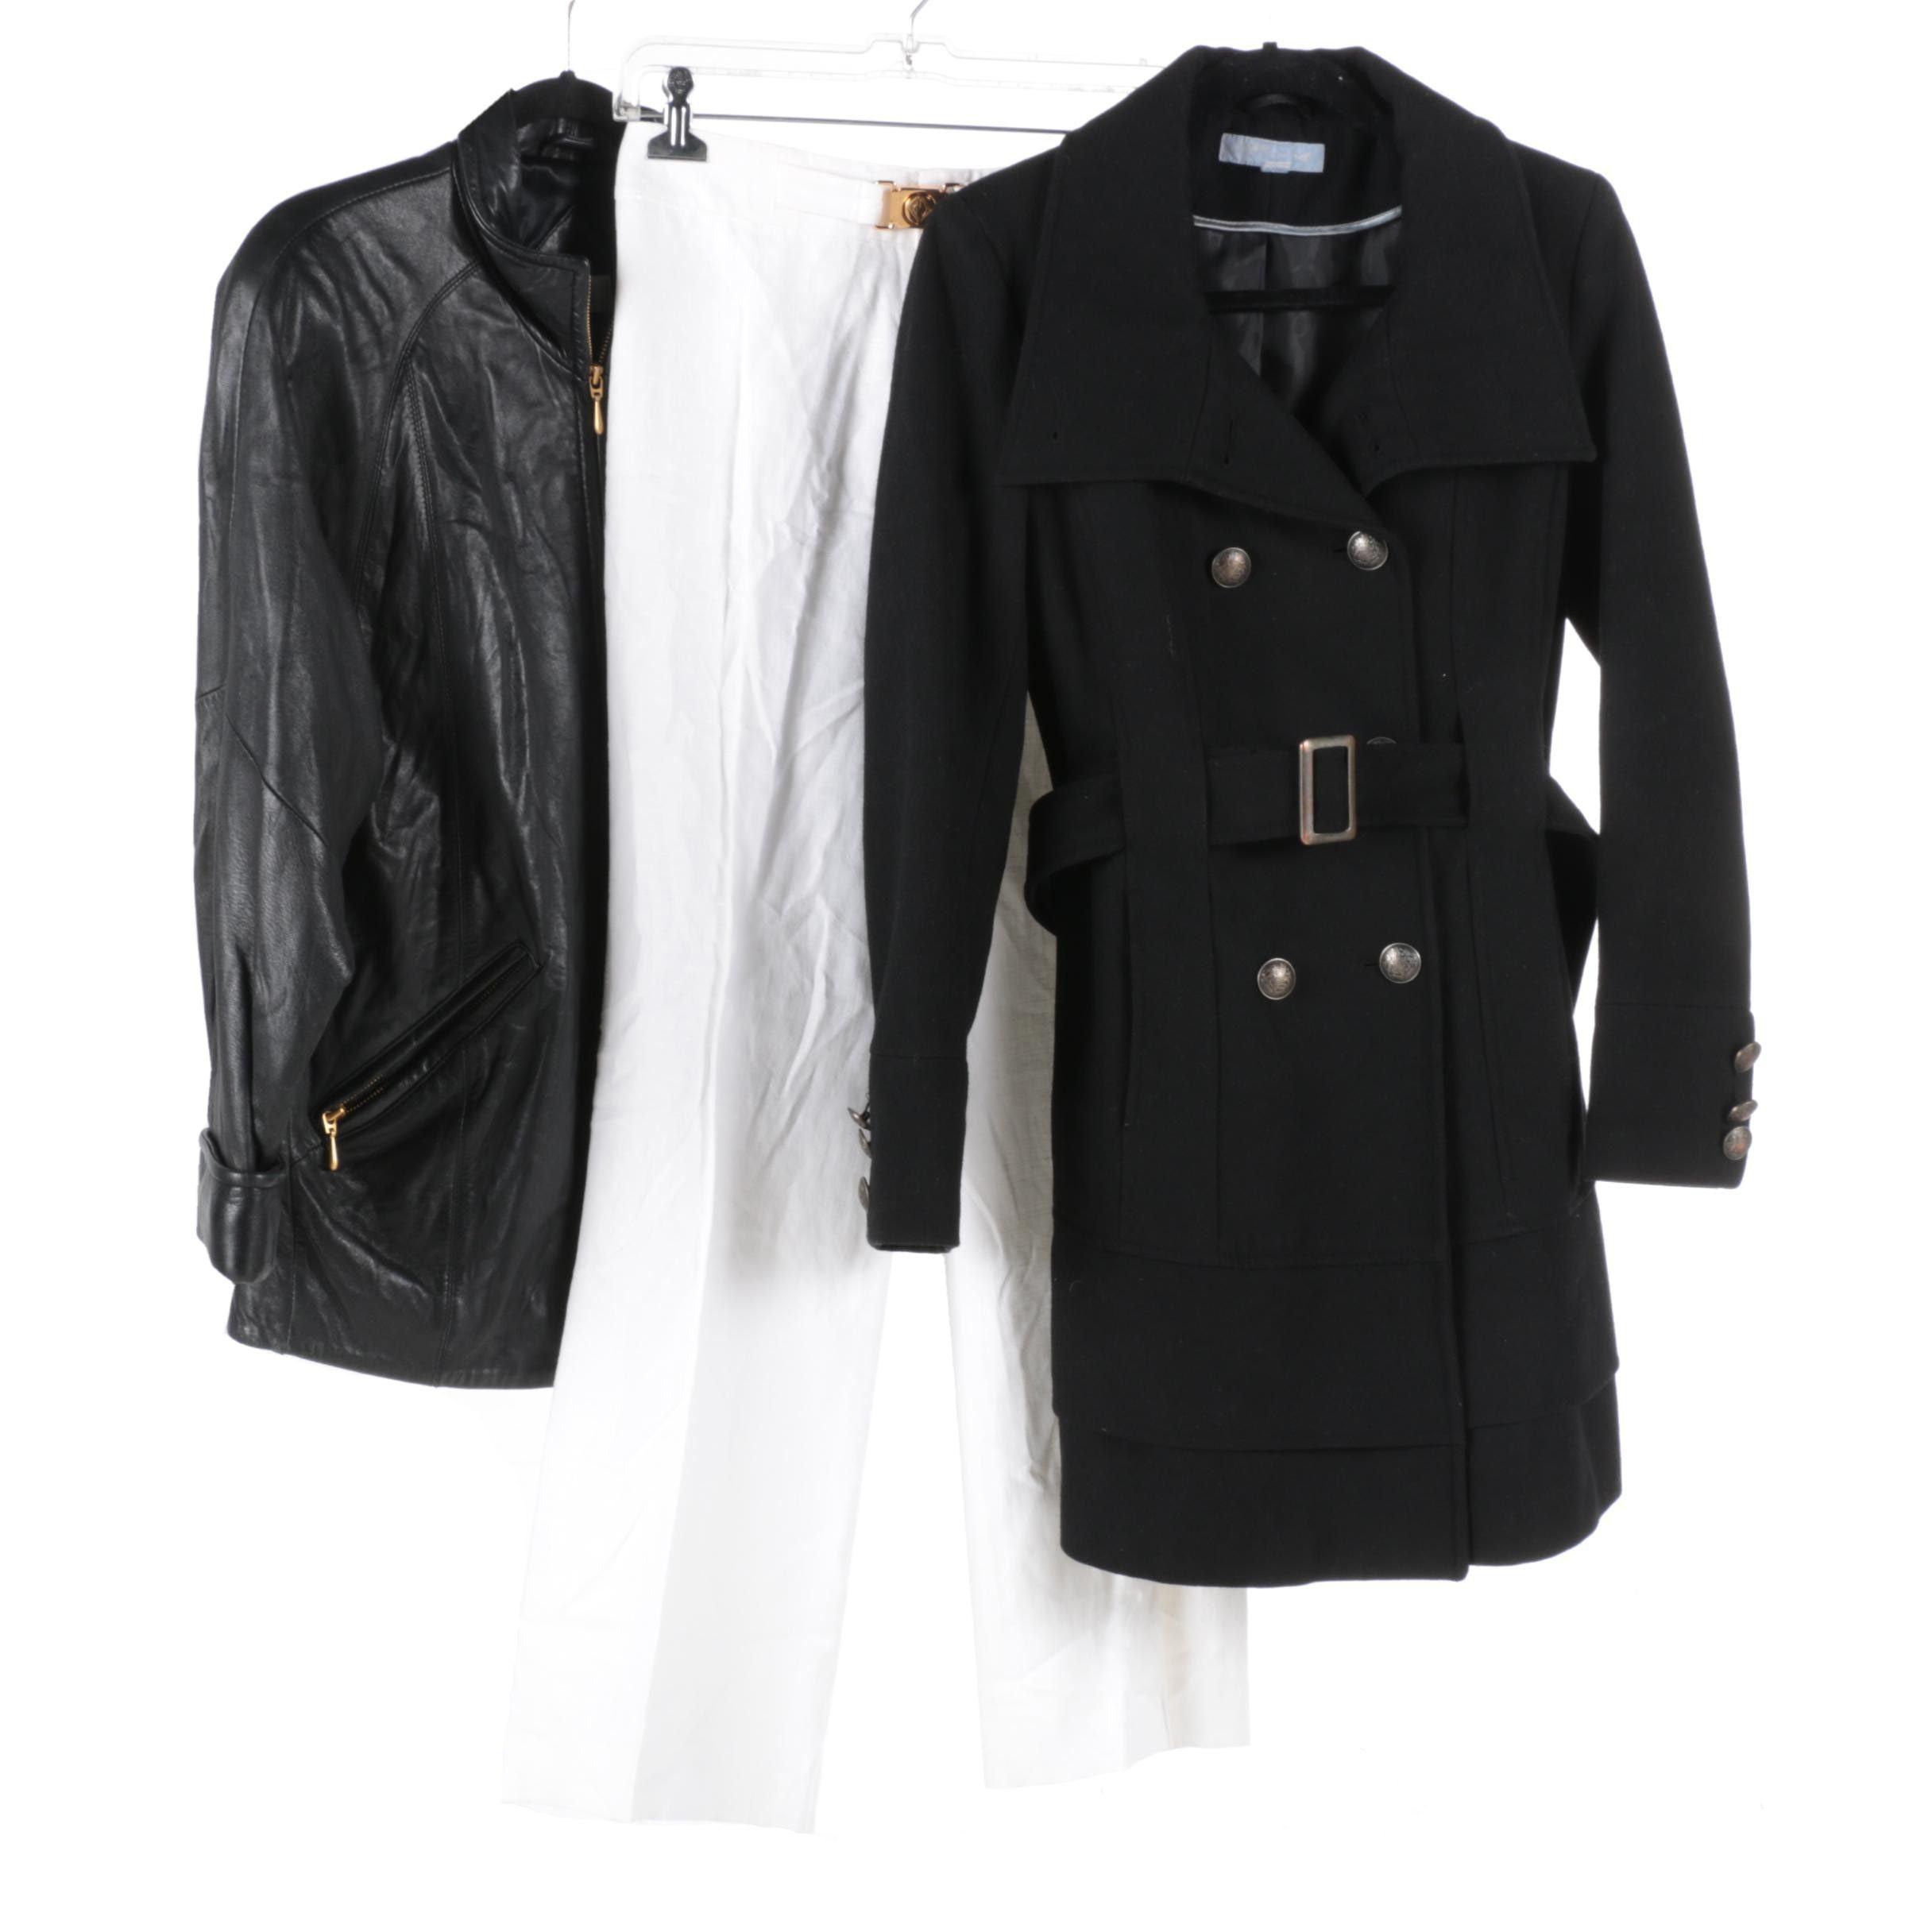 Women's Jackets and Ralph Lauren Pants